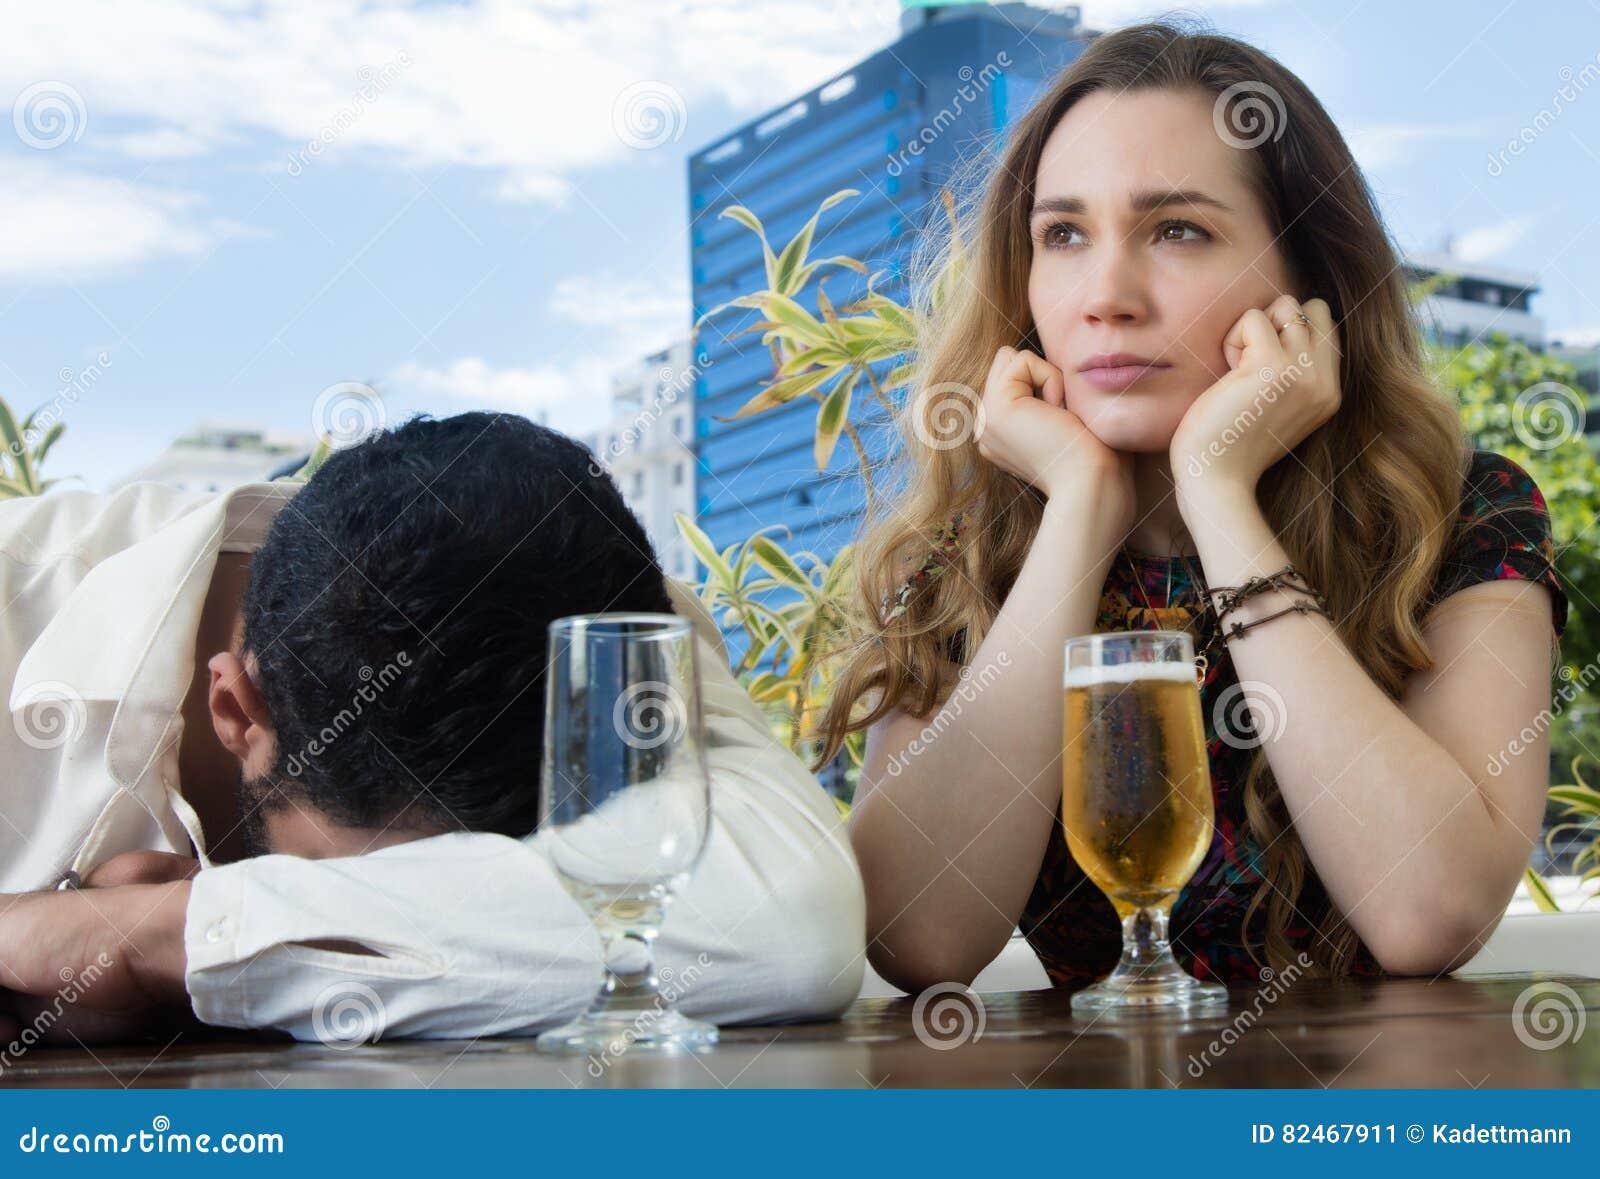 Drunken man with sad girlfriend in a bar